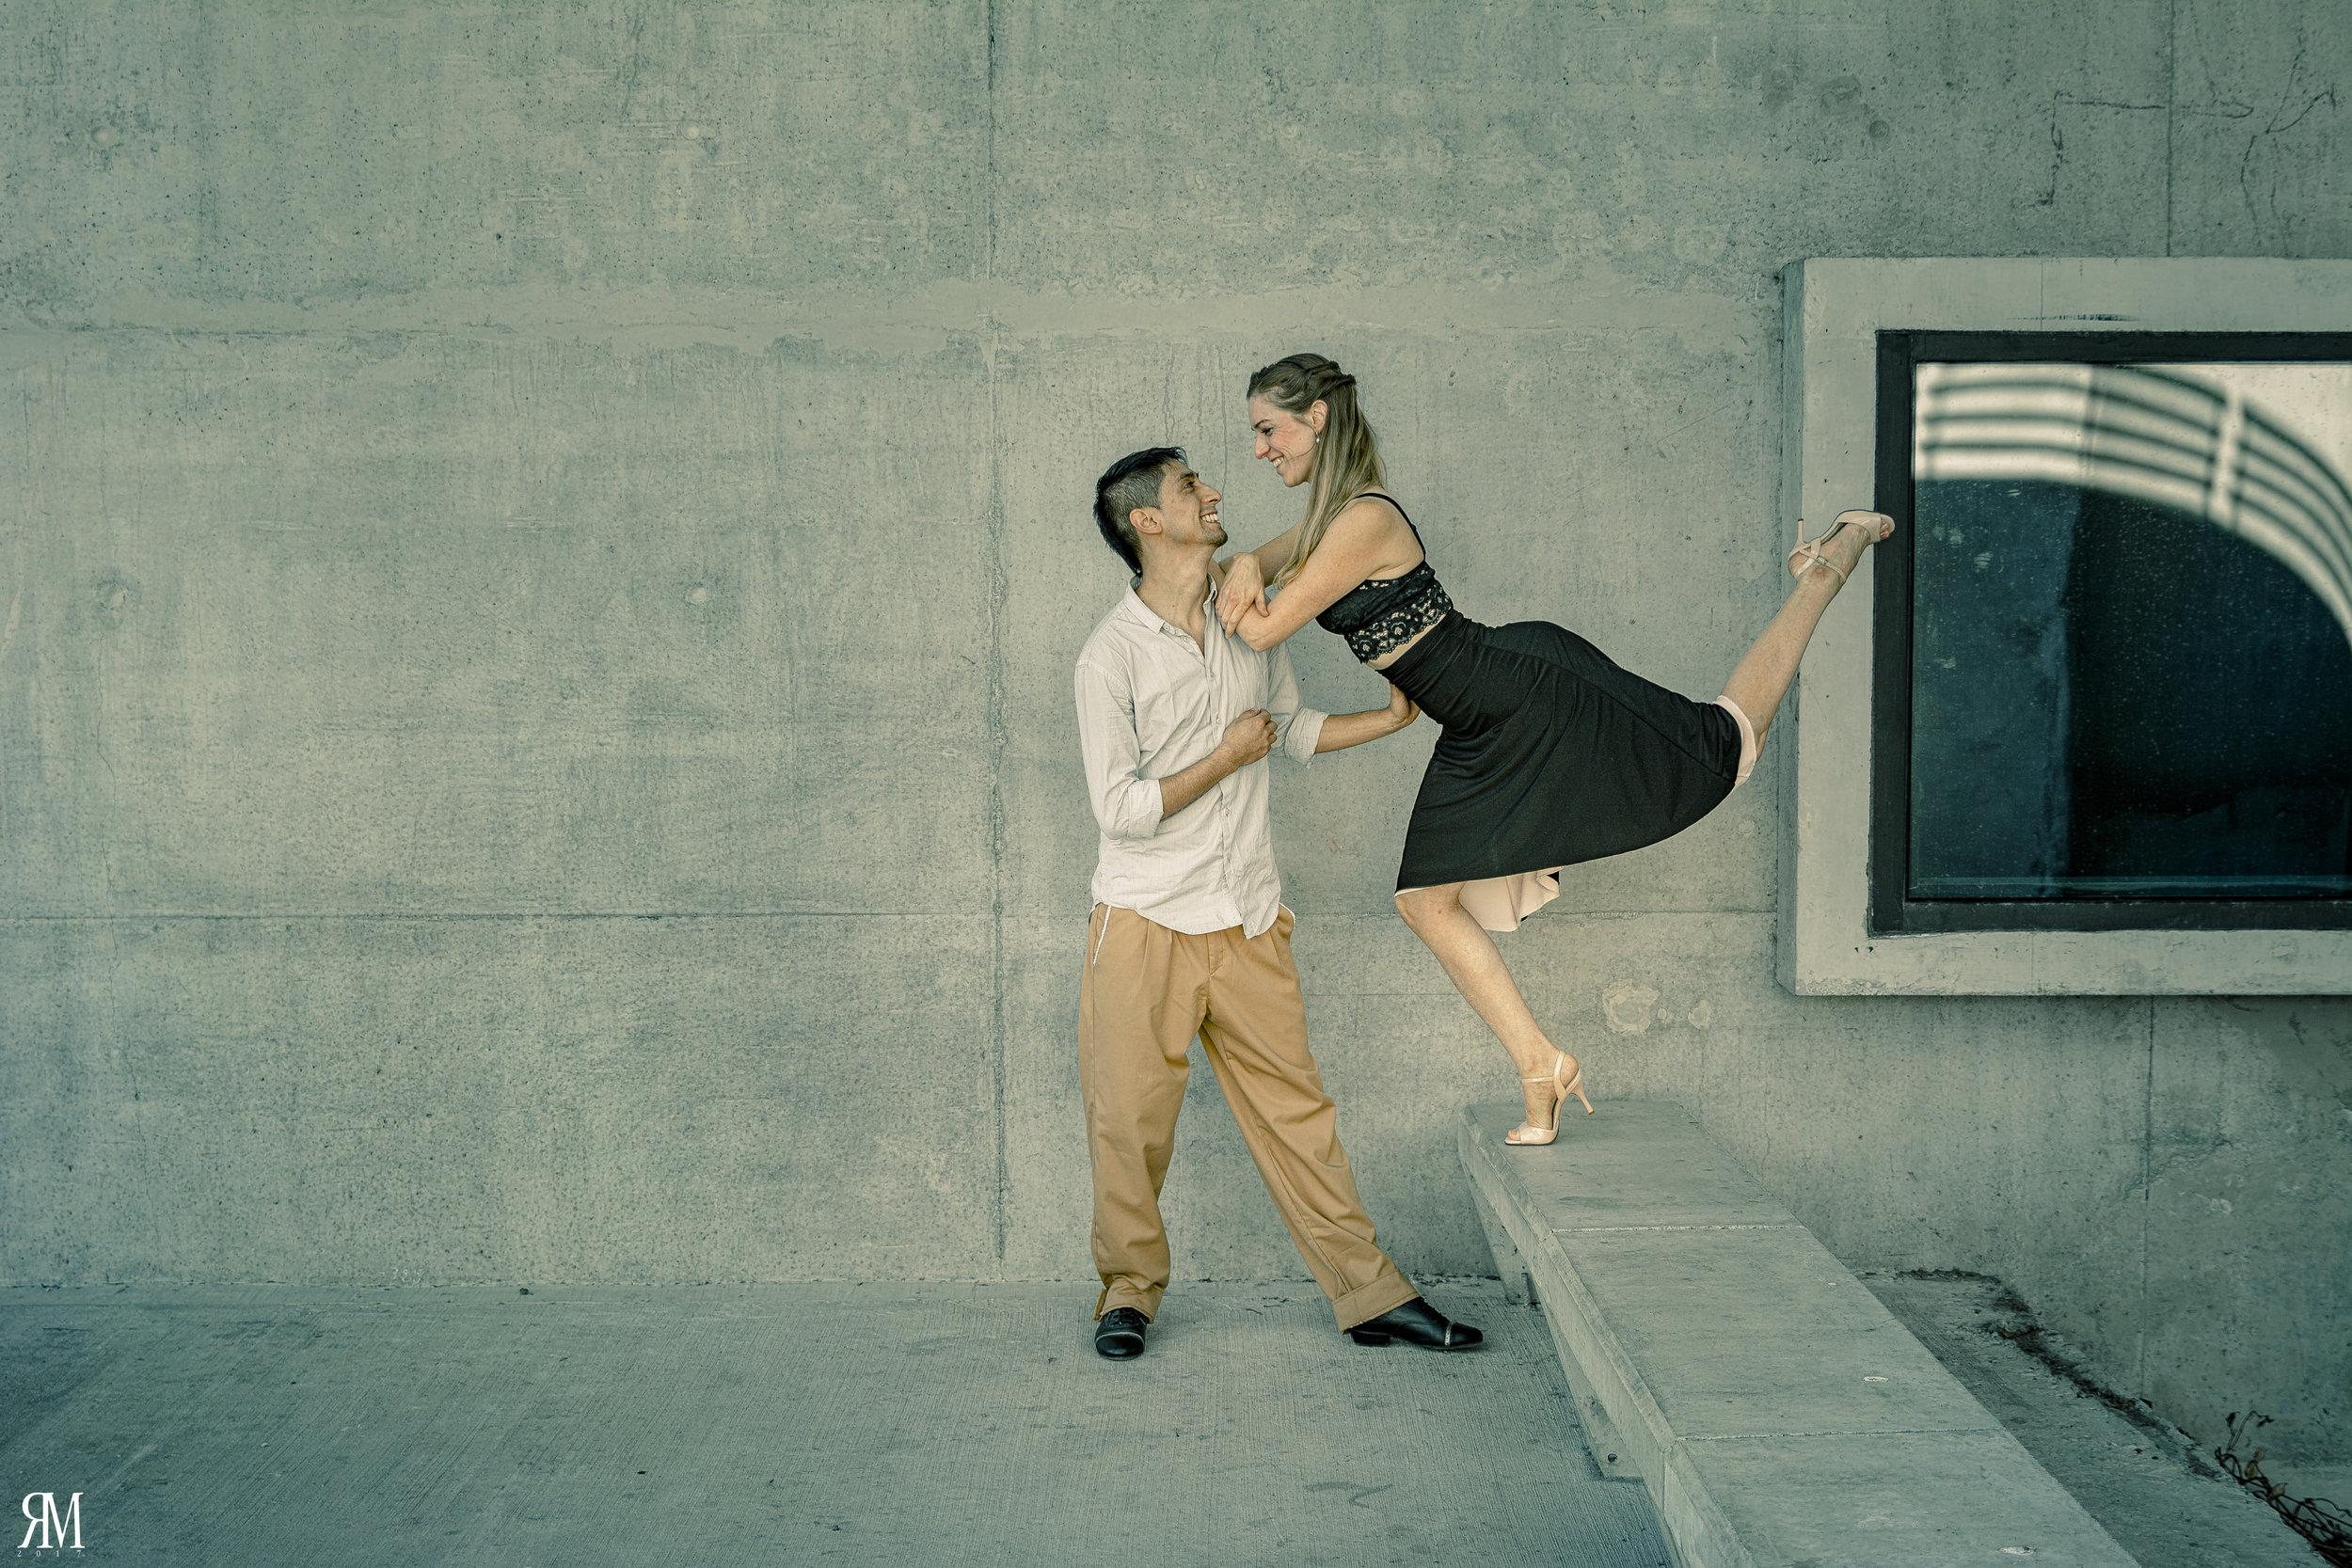 Schöne beine im tanz Zürich